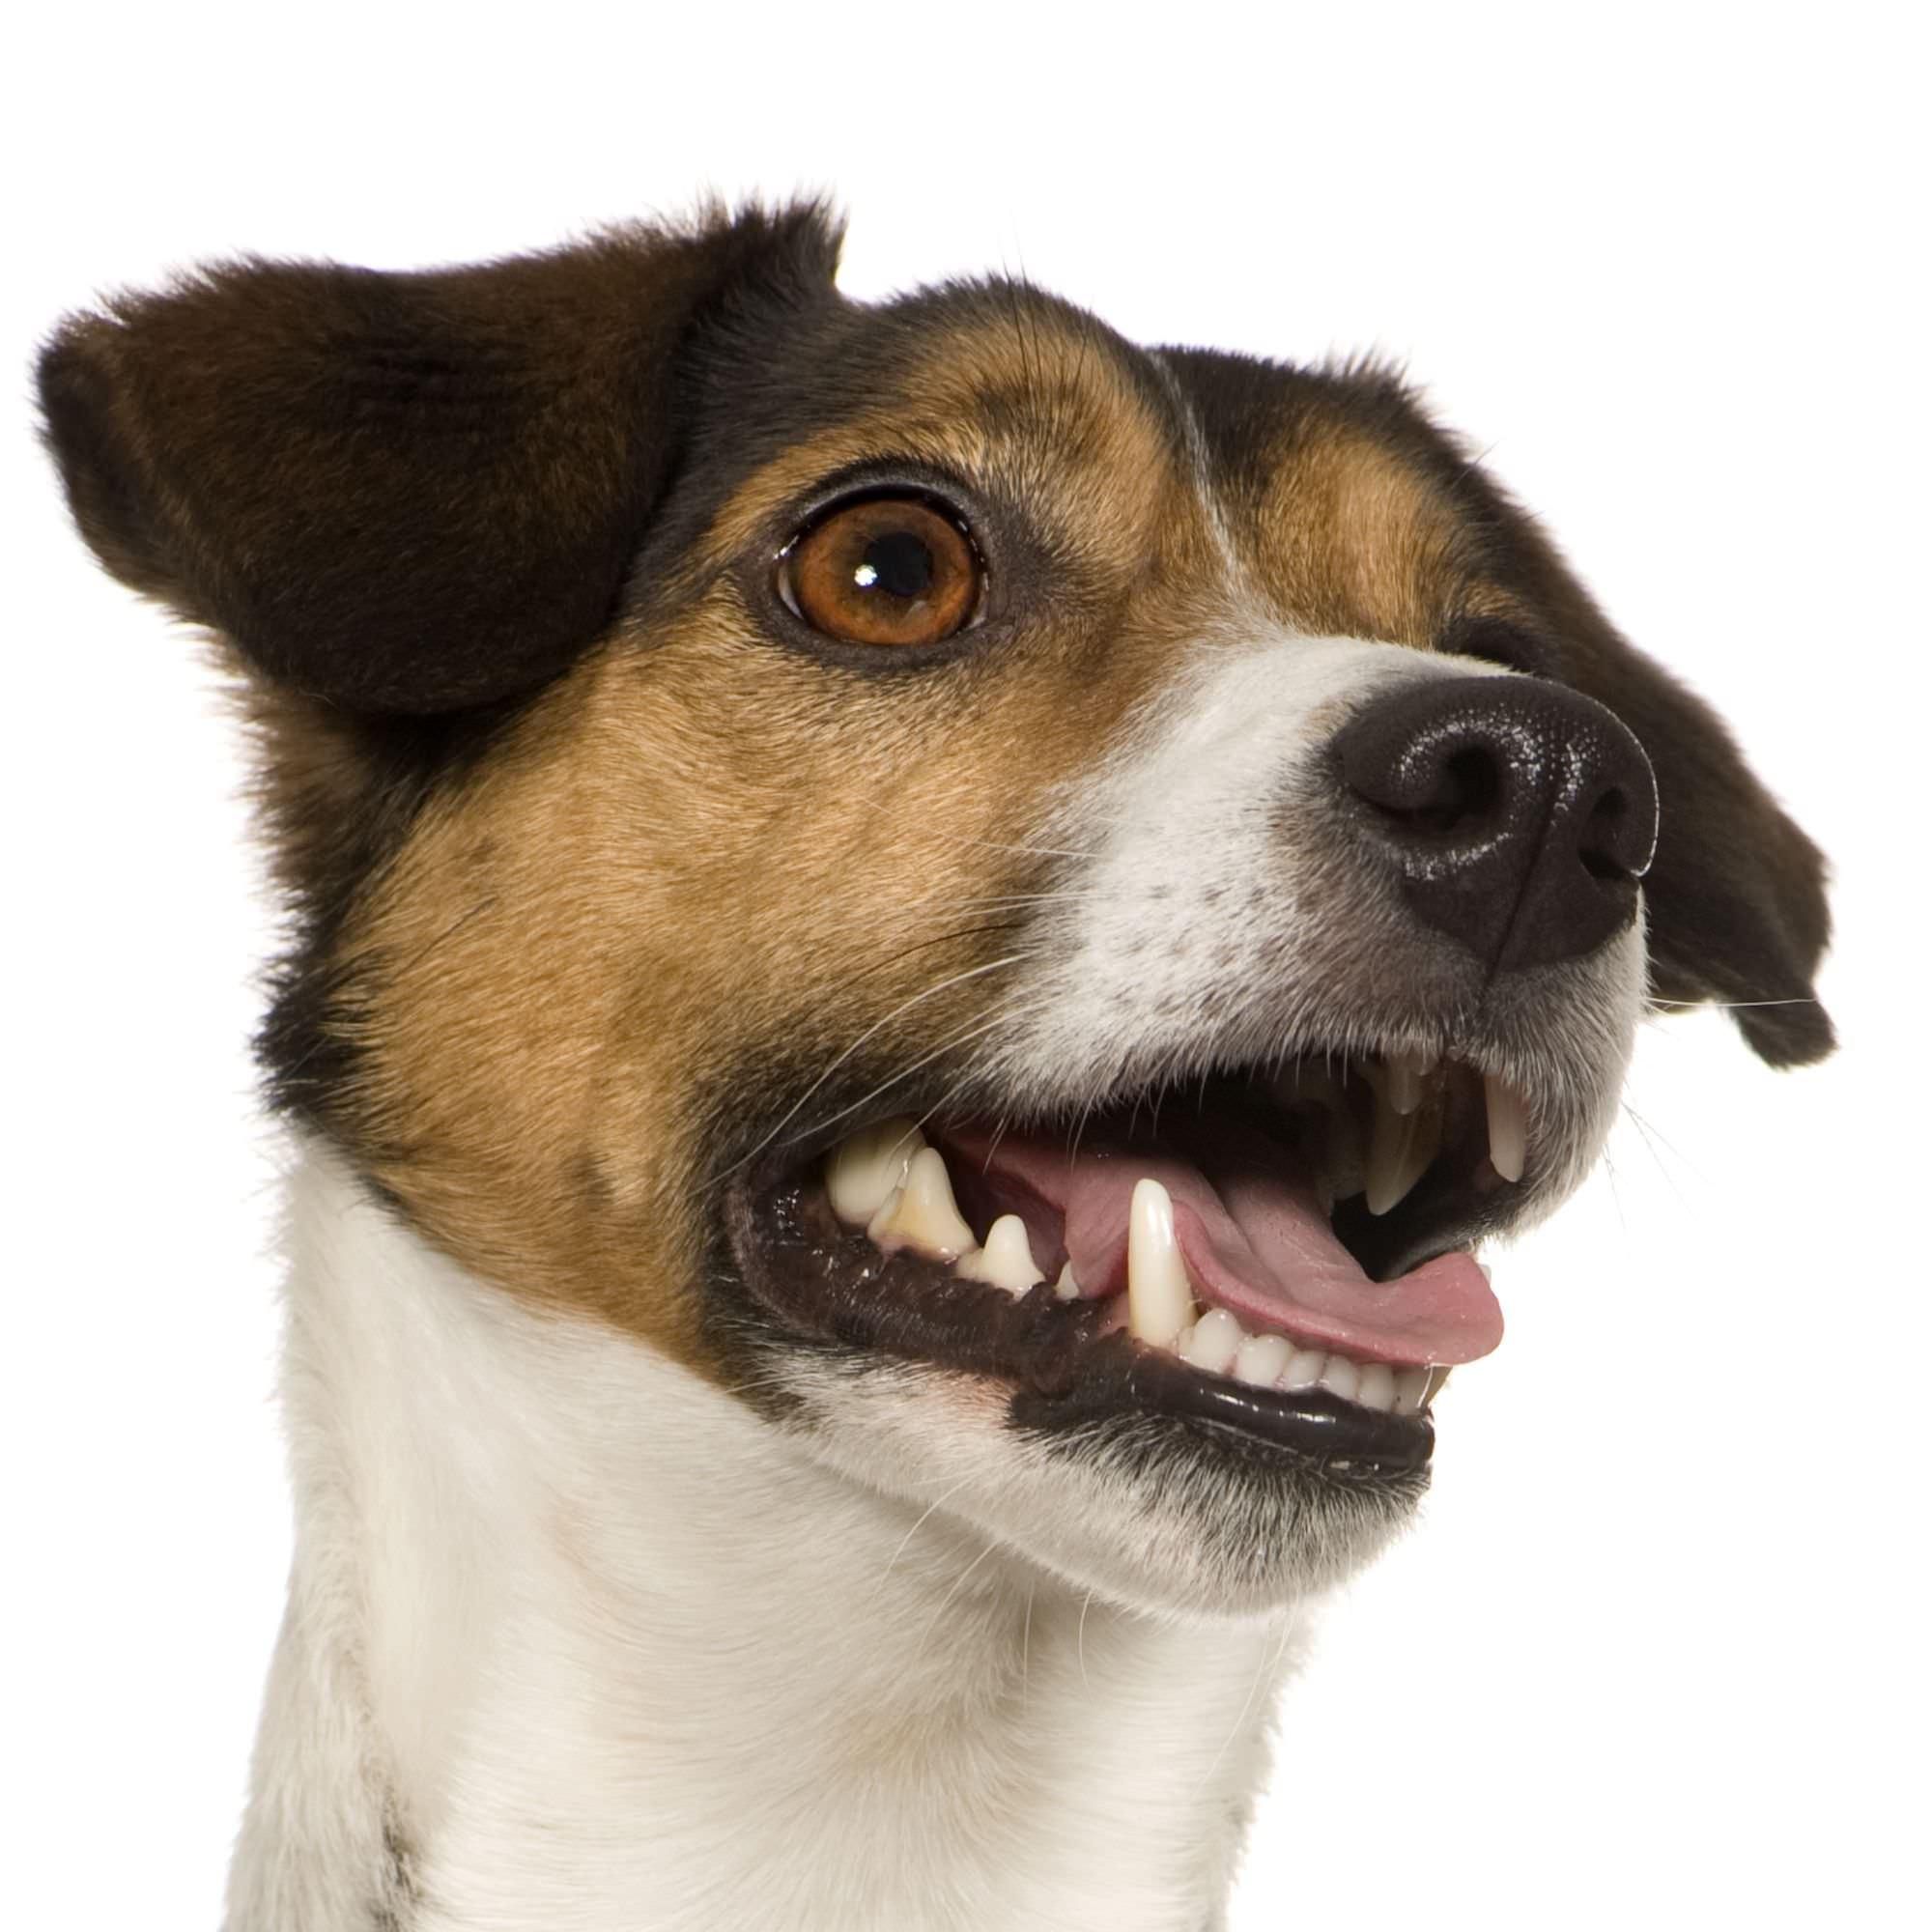 Das Gebiss des Jack Russell Terriers auf Plaque untersuchen.